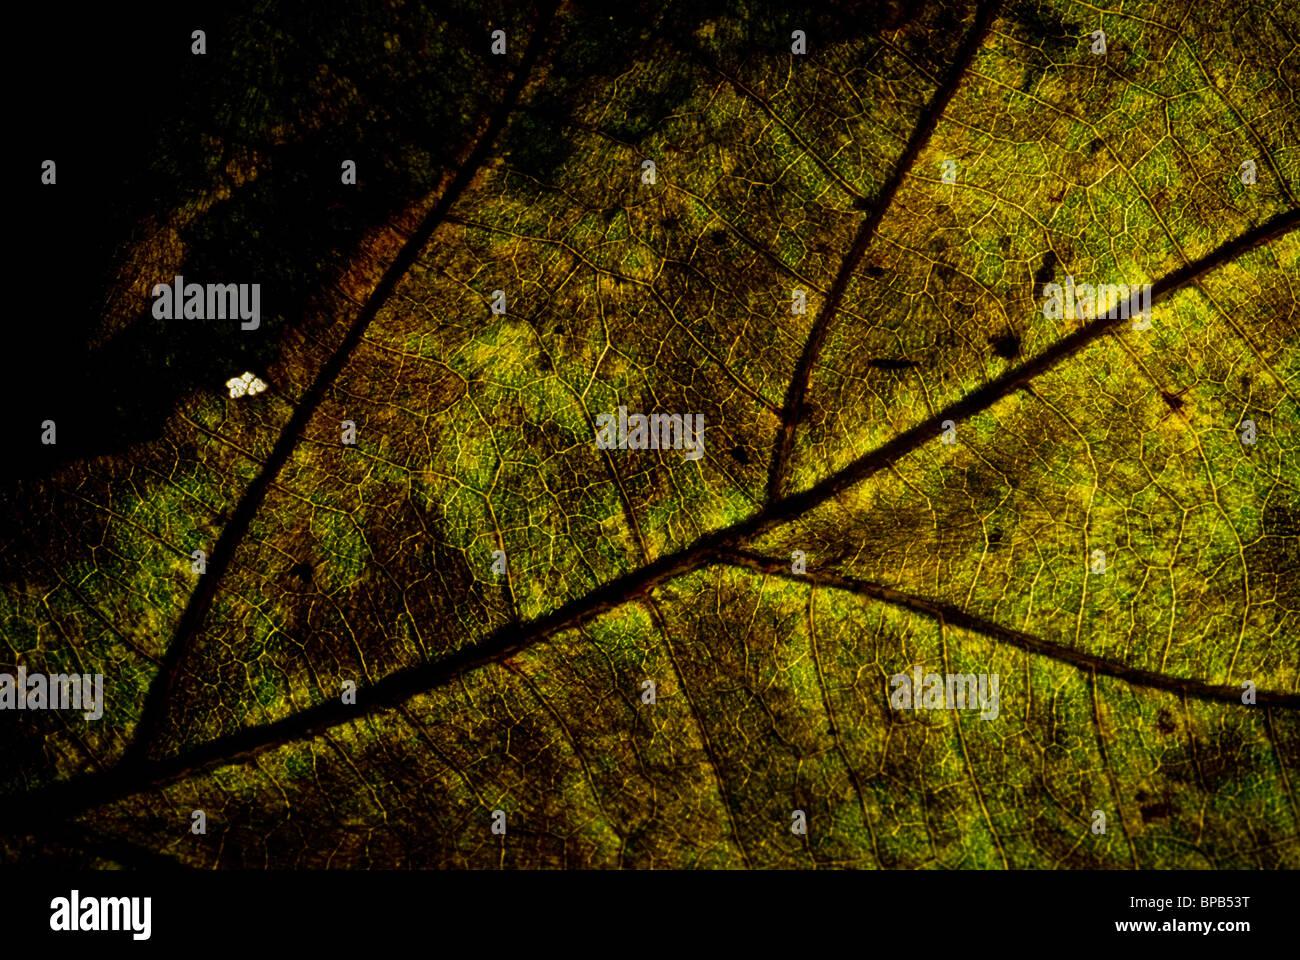 Grunge Blatt Vene, halbe welkes Blatt mit detaillierten Vene. Stockbild